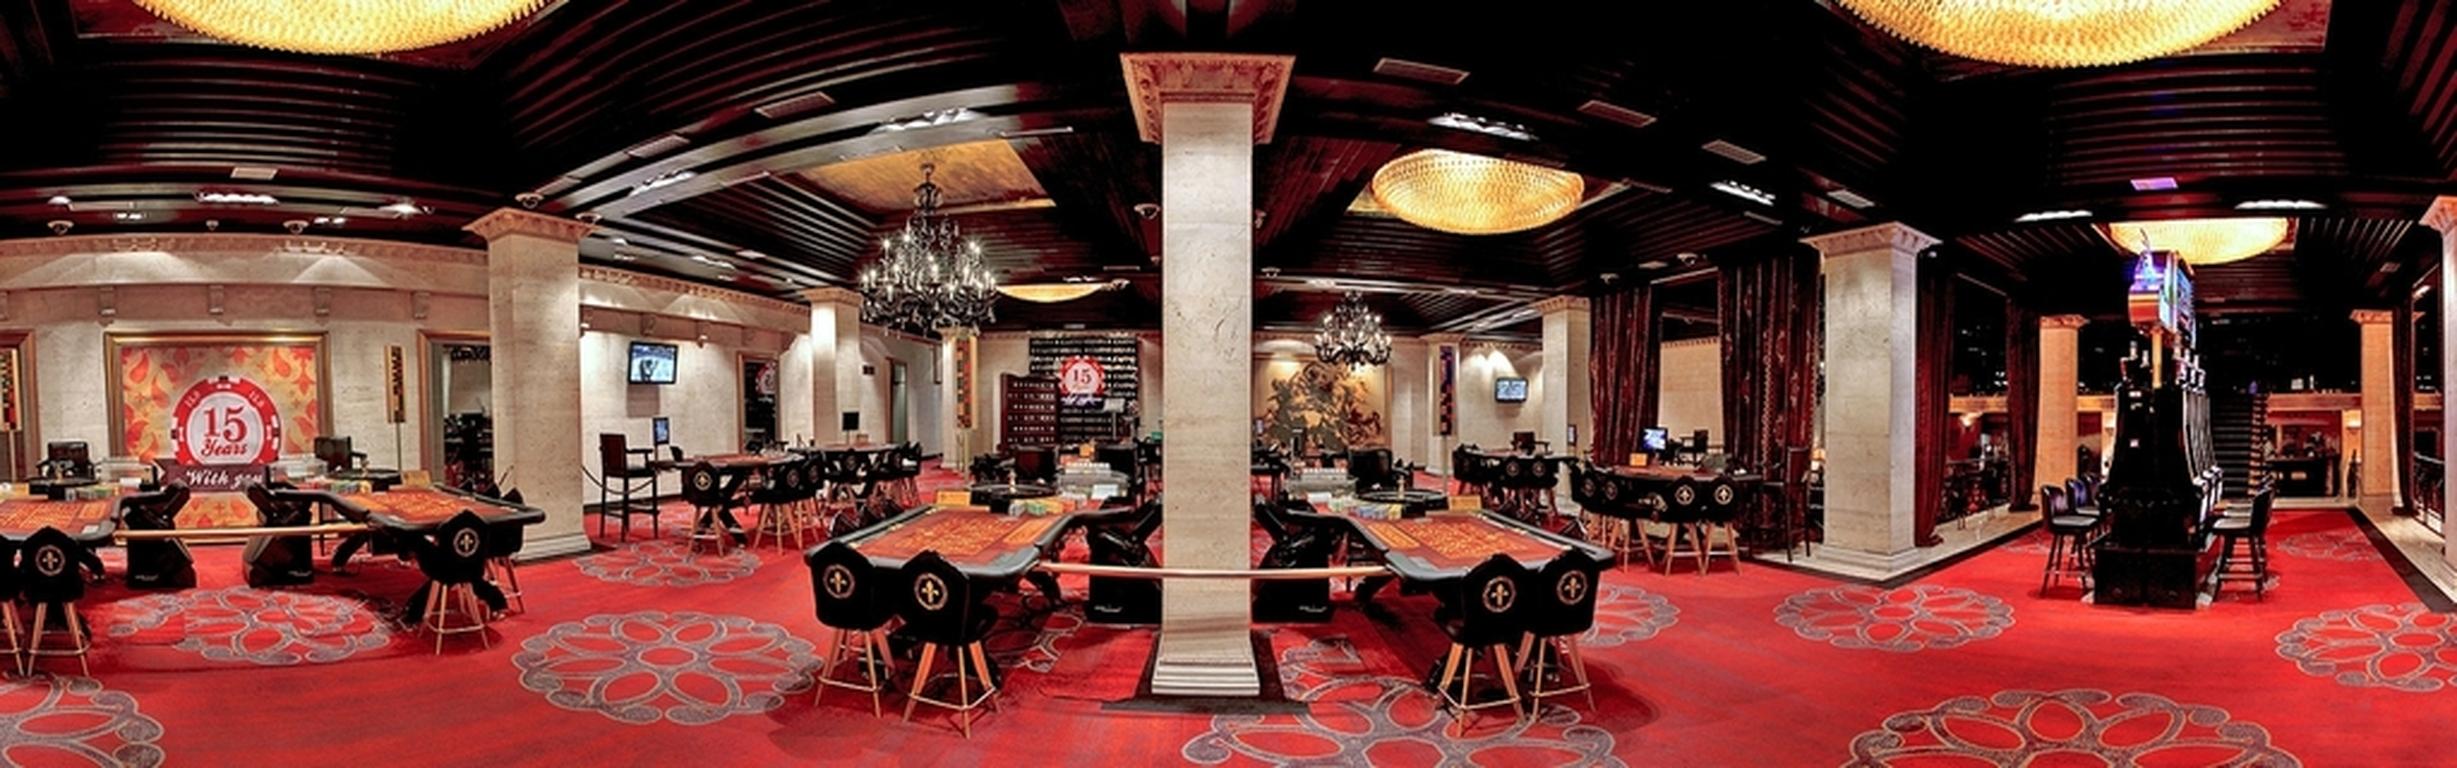 есть ли казино в грузии